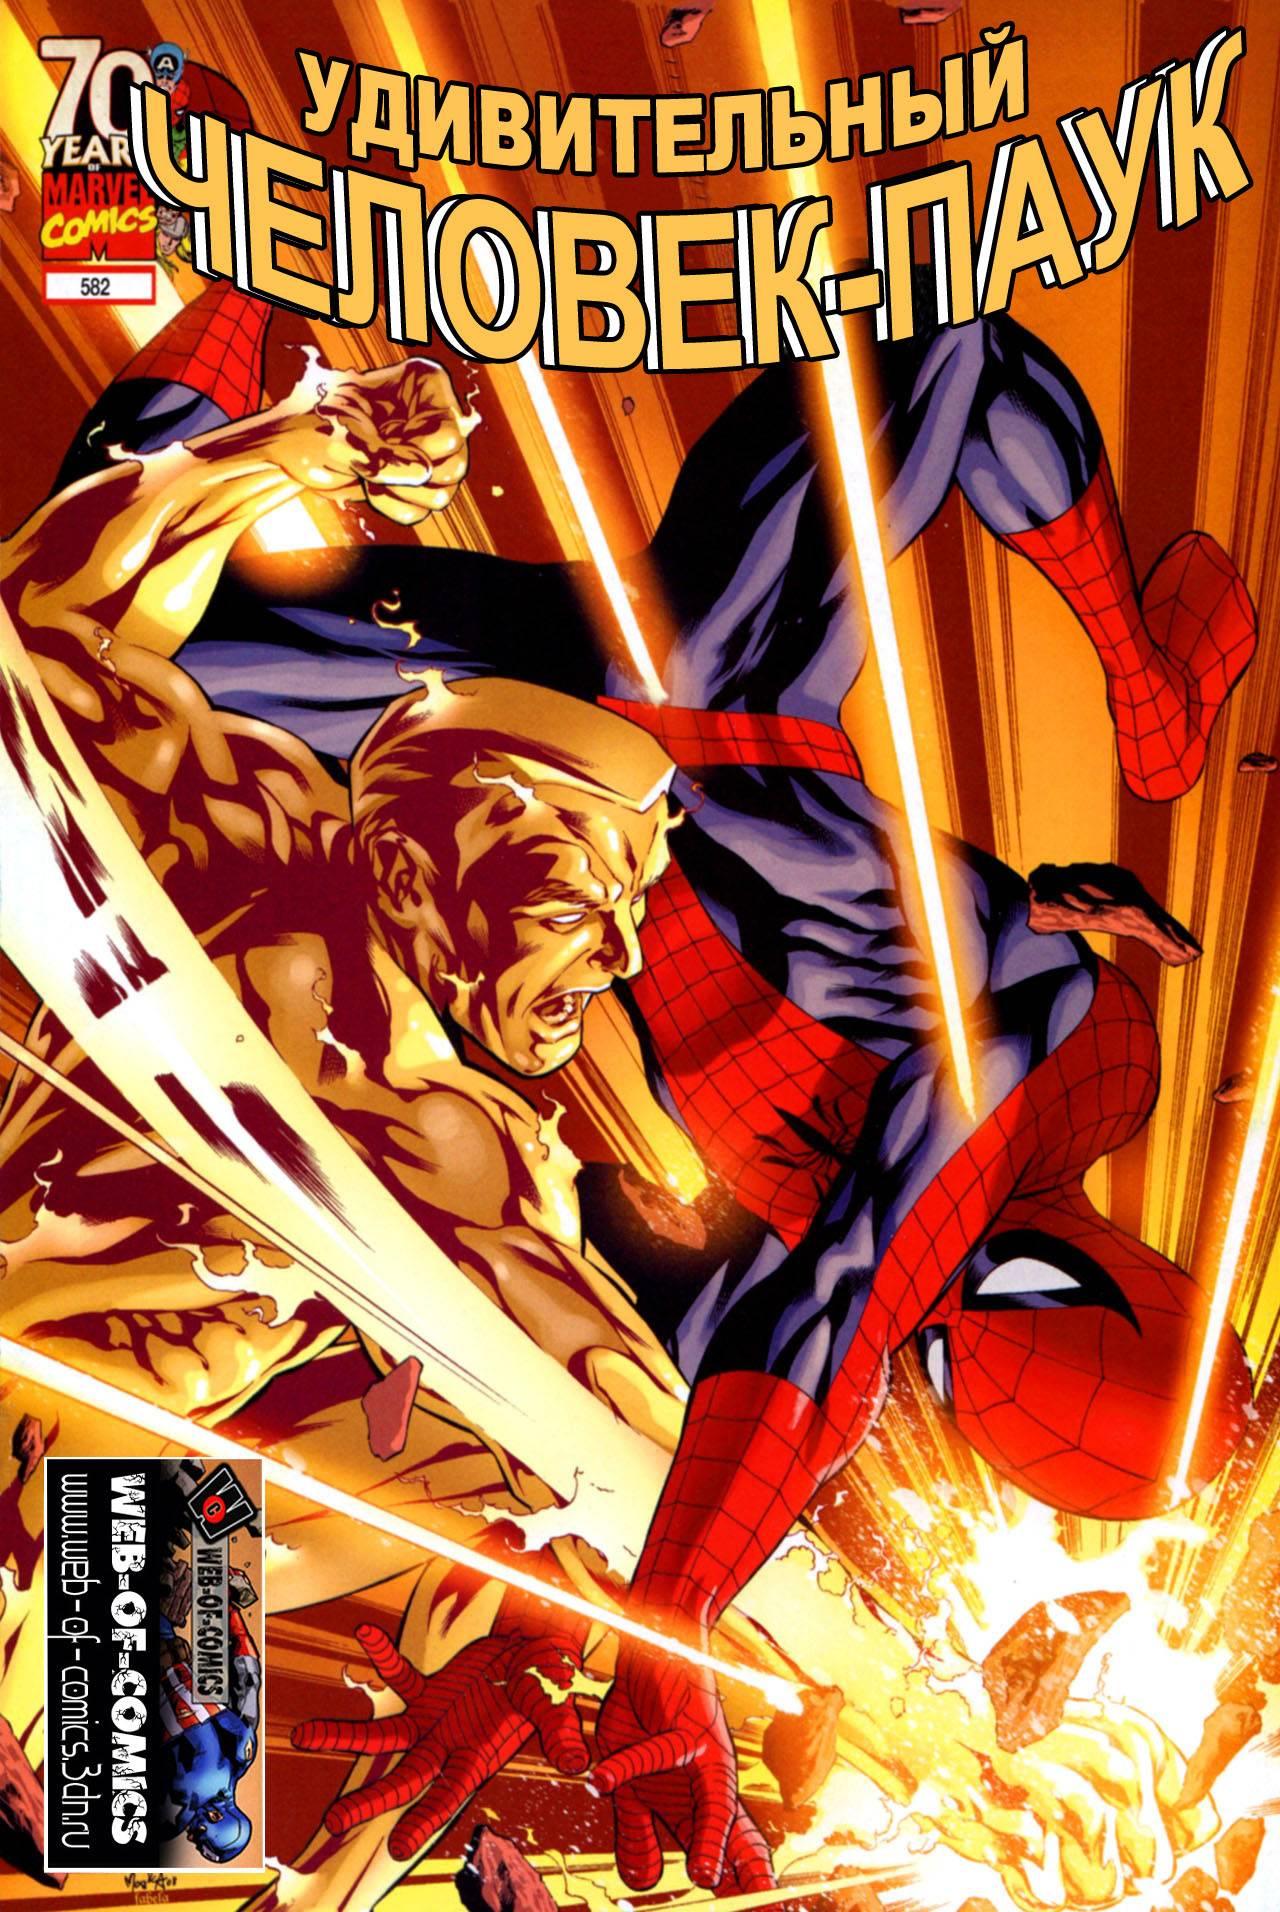 Удивительный Человек-паук №582 онлайн